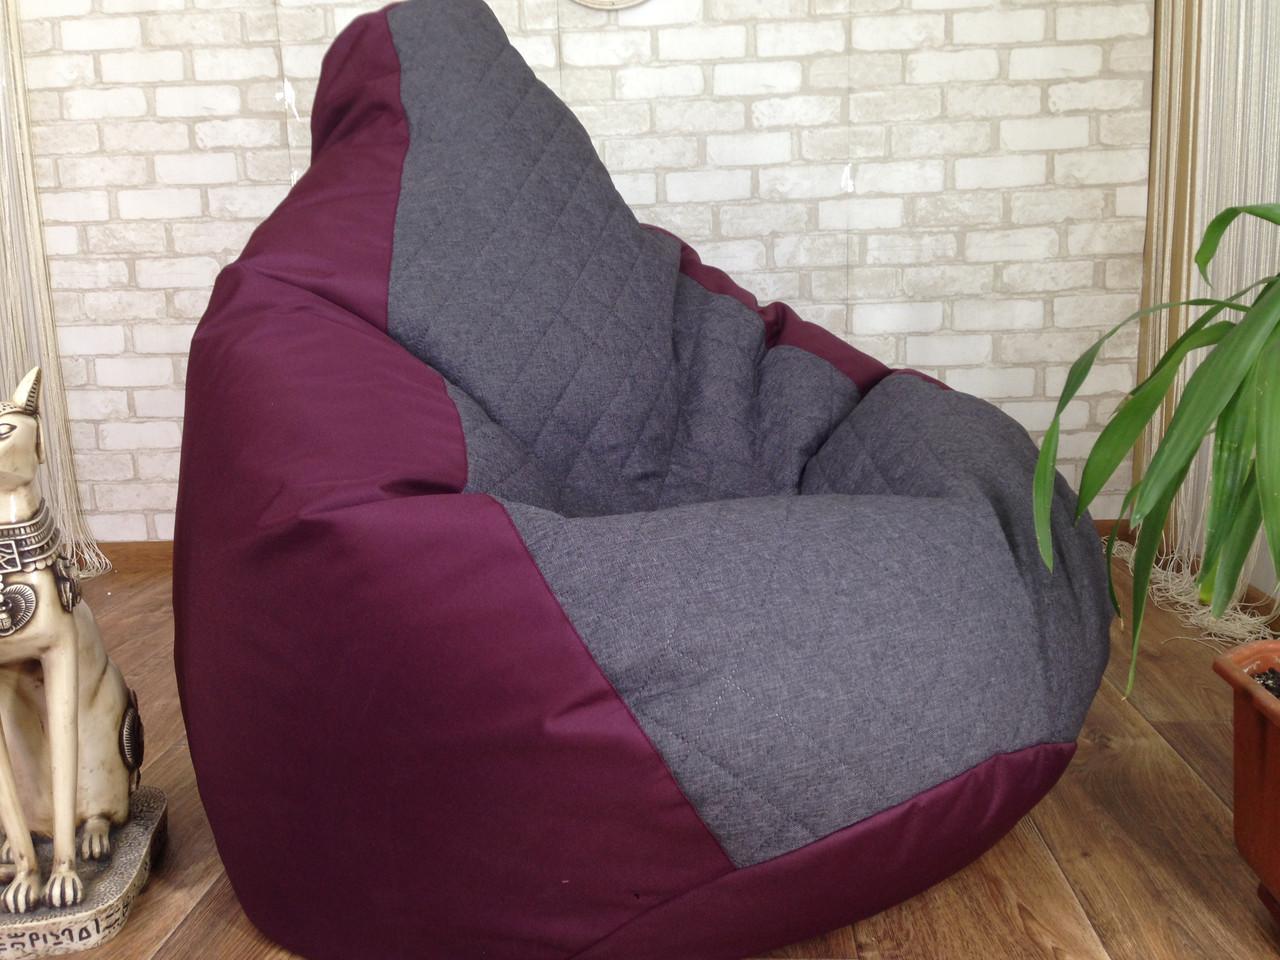 Кресло Мешок, бескаркасное кресло Груша ХХЛ, бордо